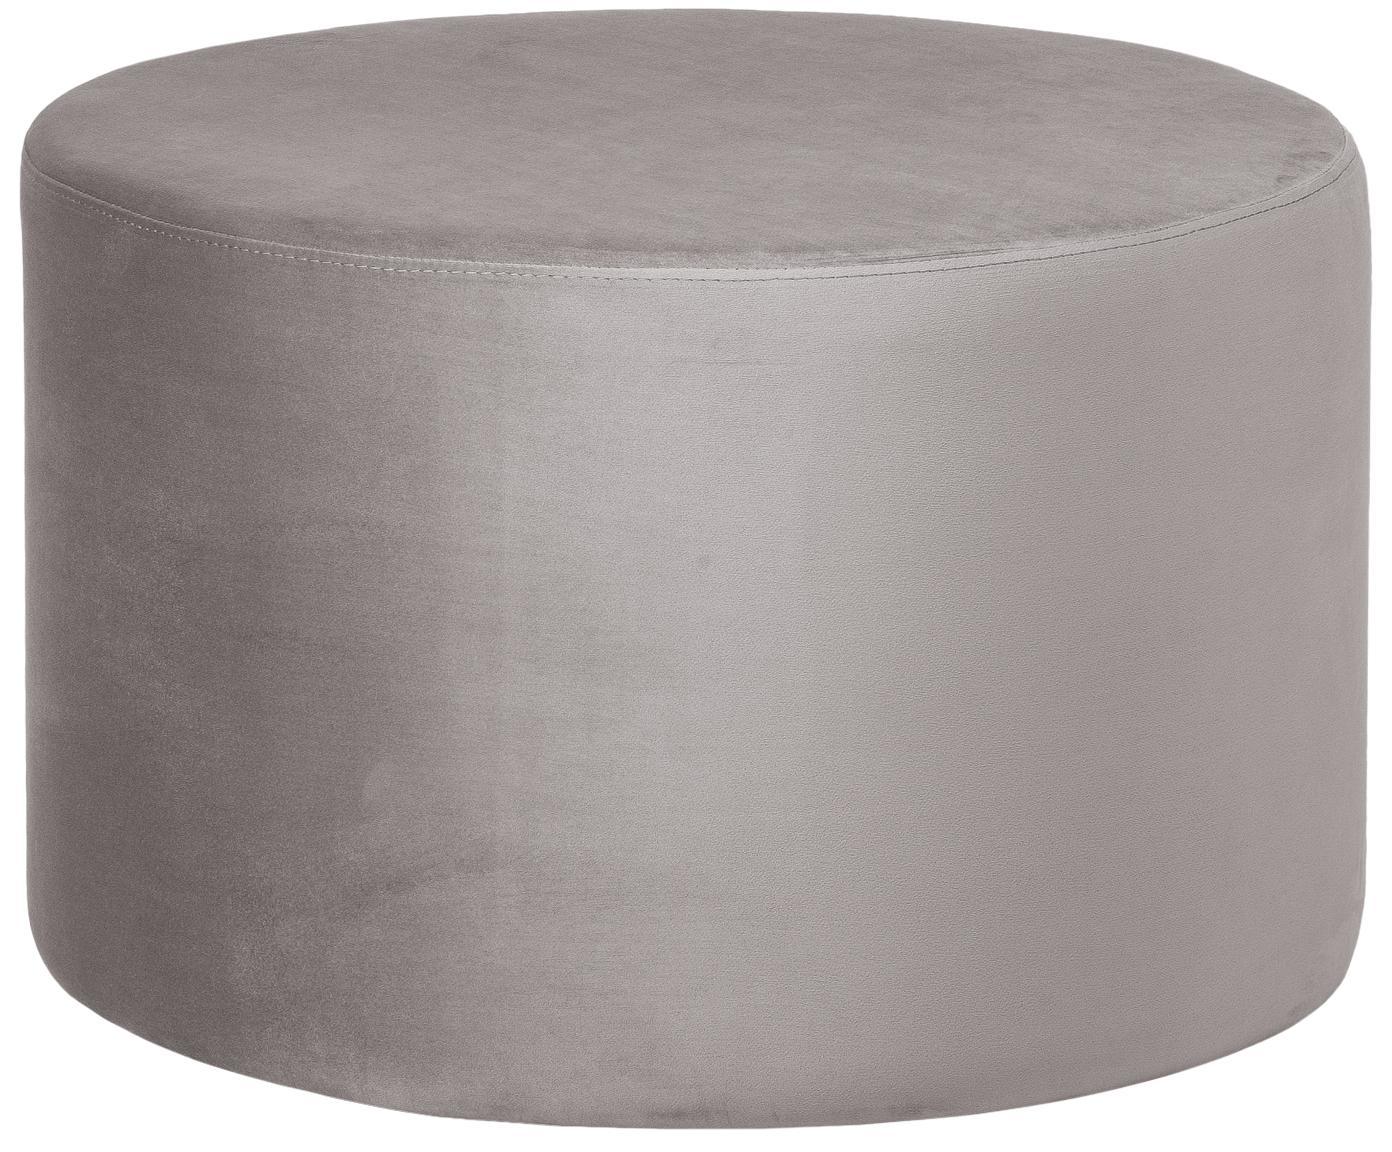 Samt-Hocker Daisy, Bezug: Samt (Polyester) 15.000 S, Rahmen: Mitteldichte Holzfaserpla, Beigegrau, Ø 60 x H 41 cm